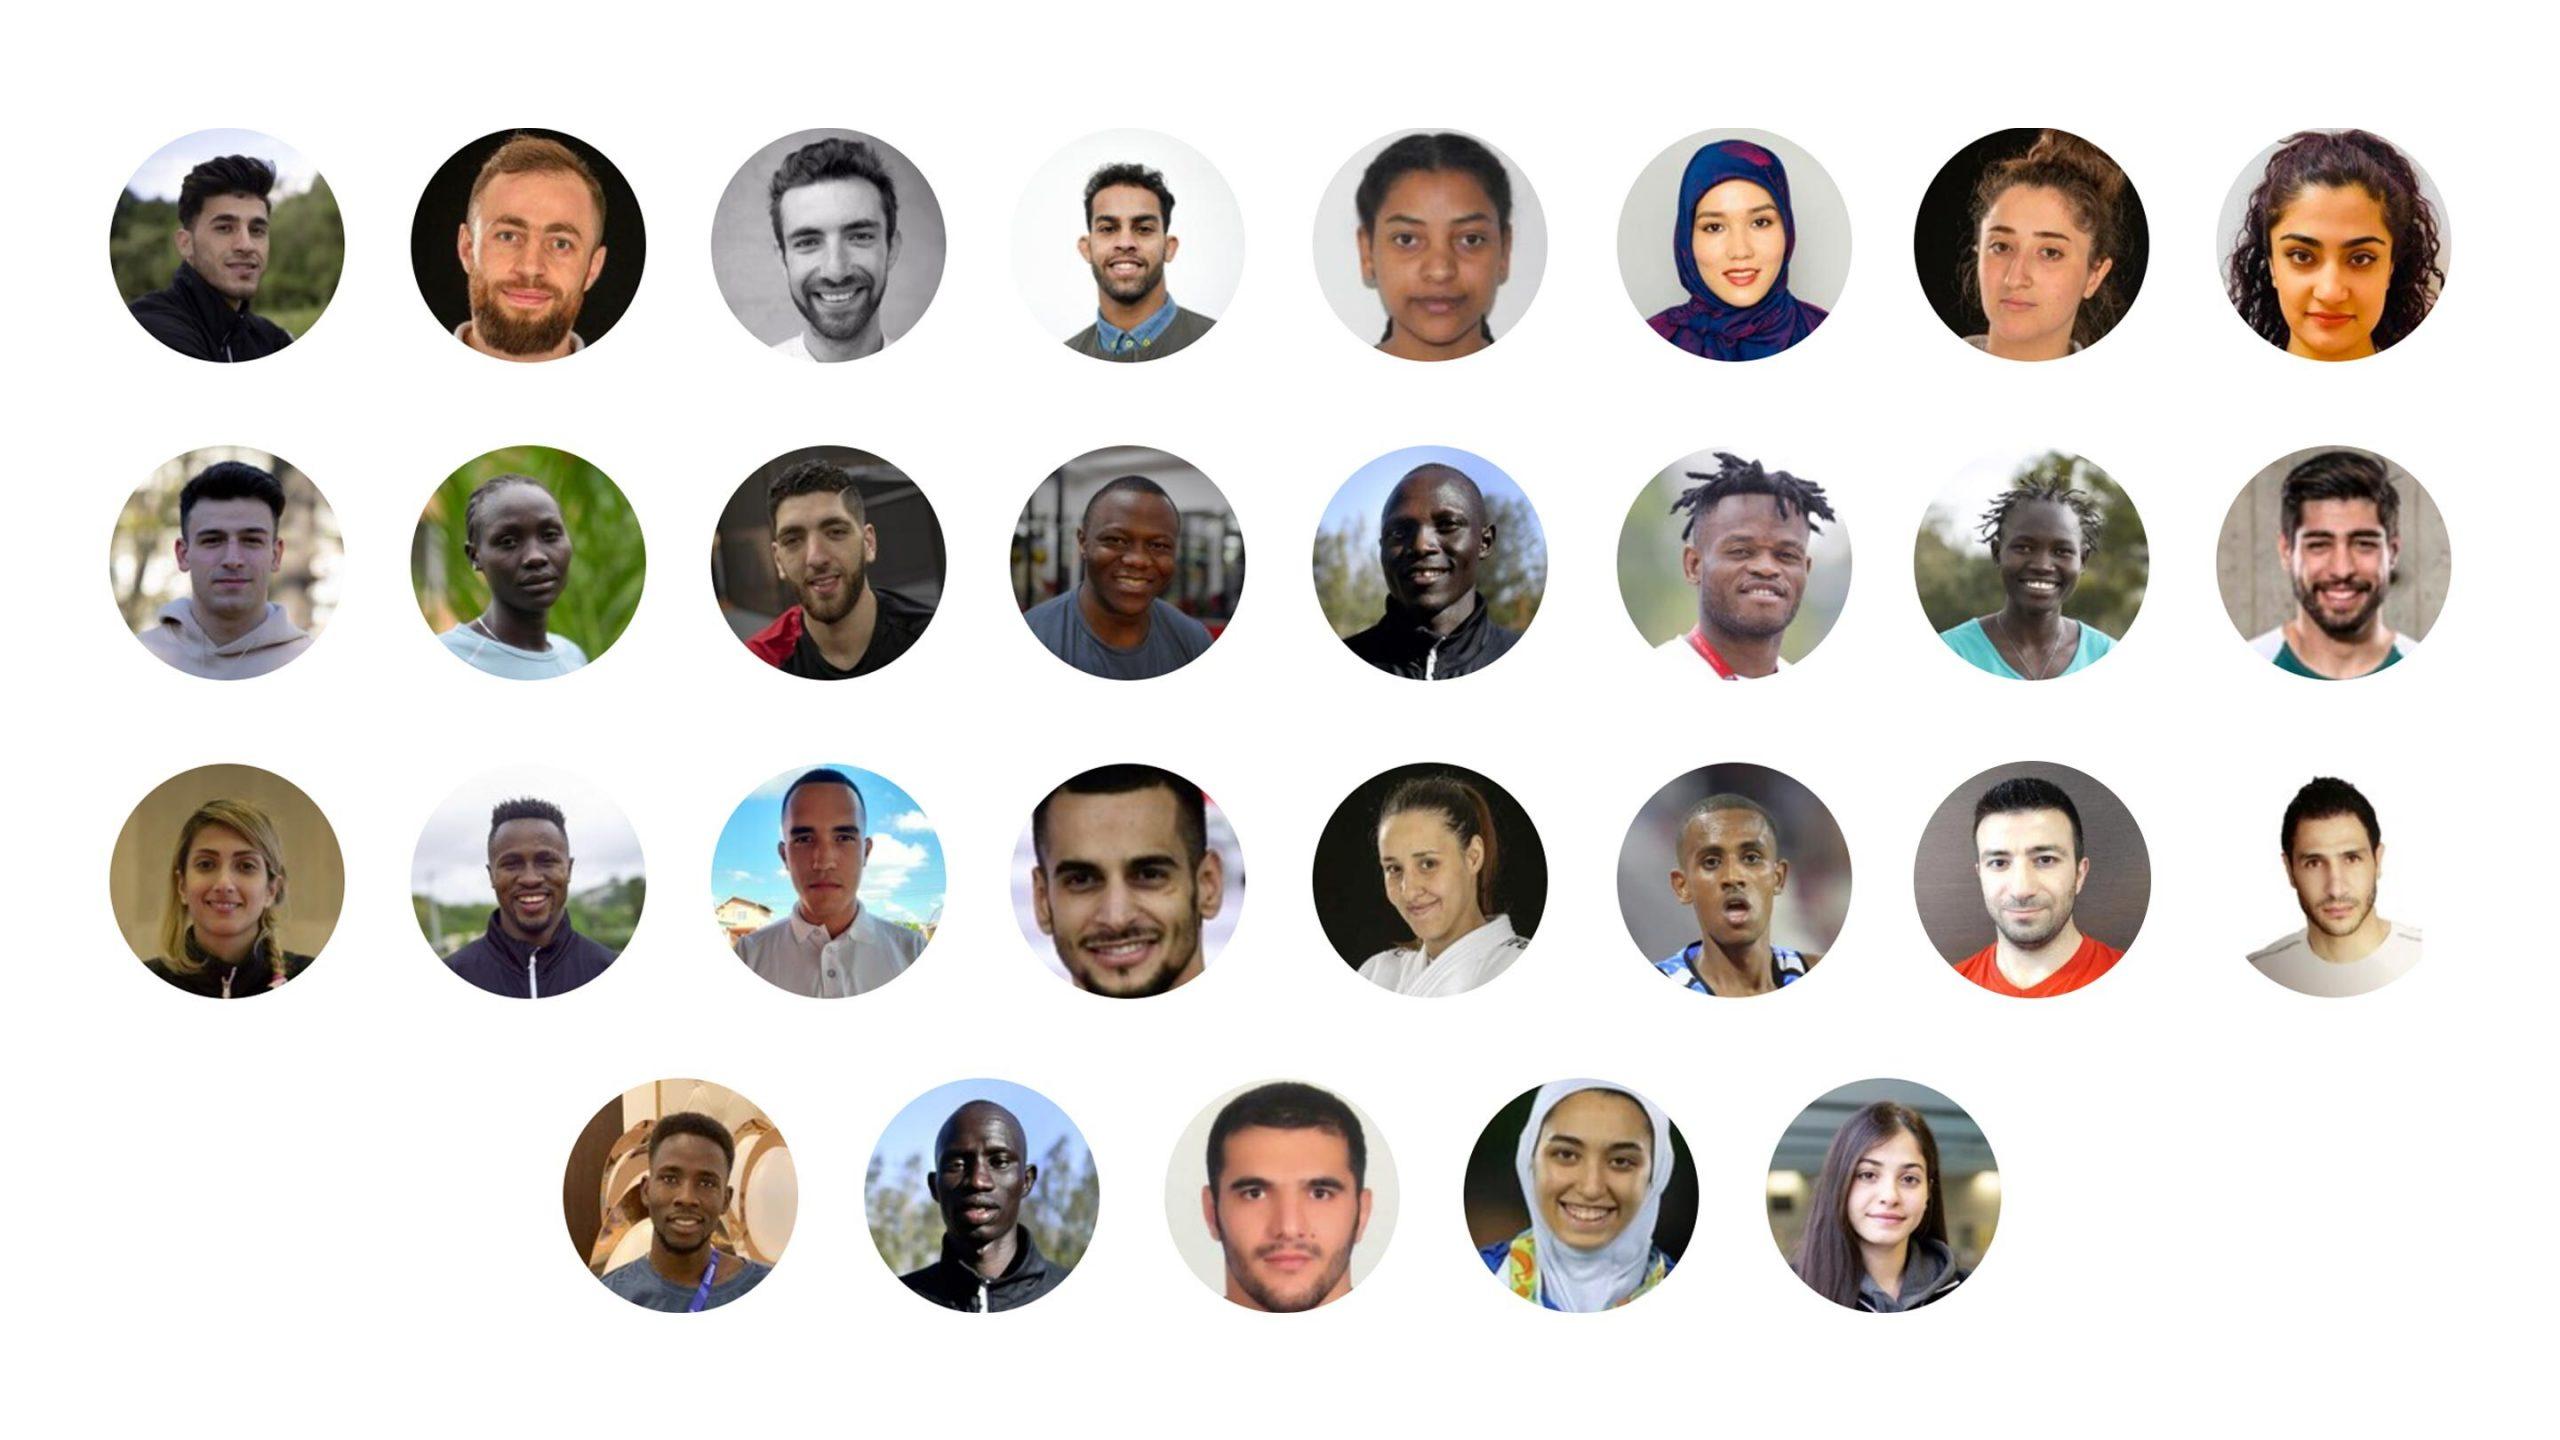 سوریها و ایرانیان بیشترین ورزشکاران تیم پناهندگان المپیک